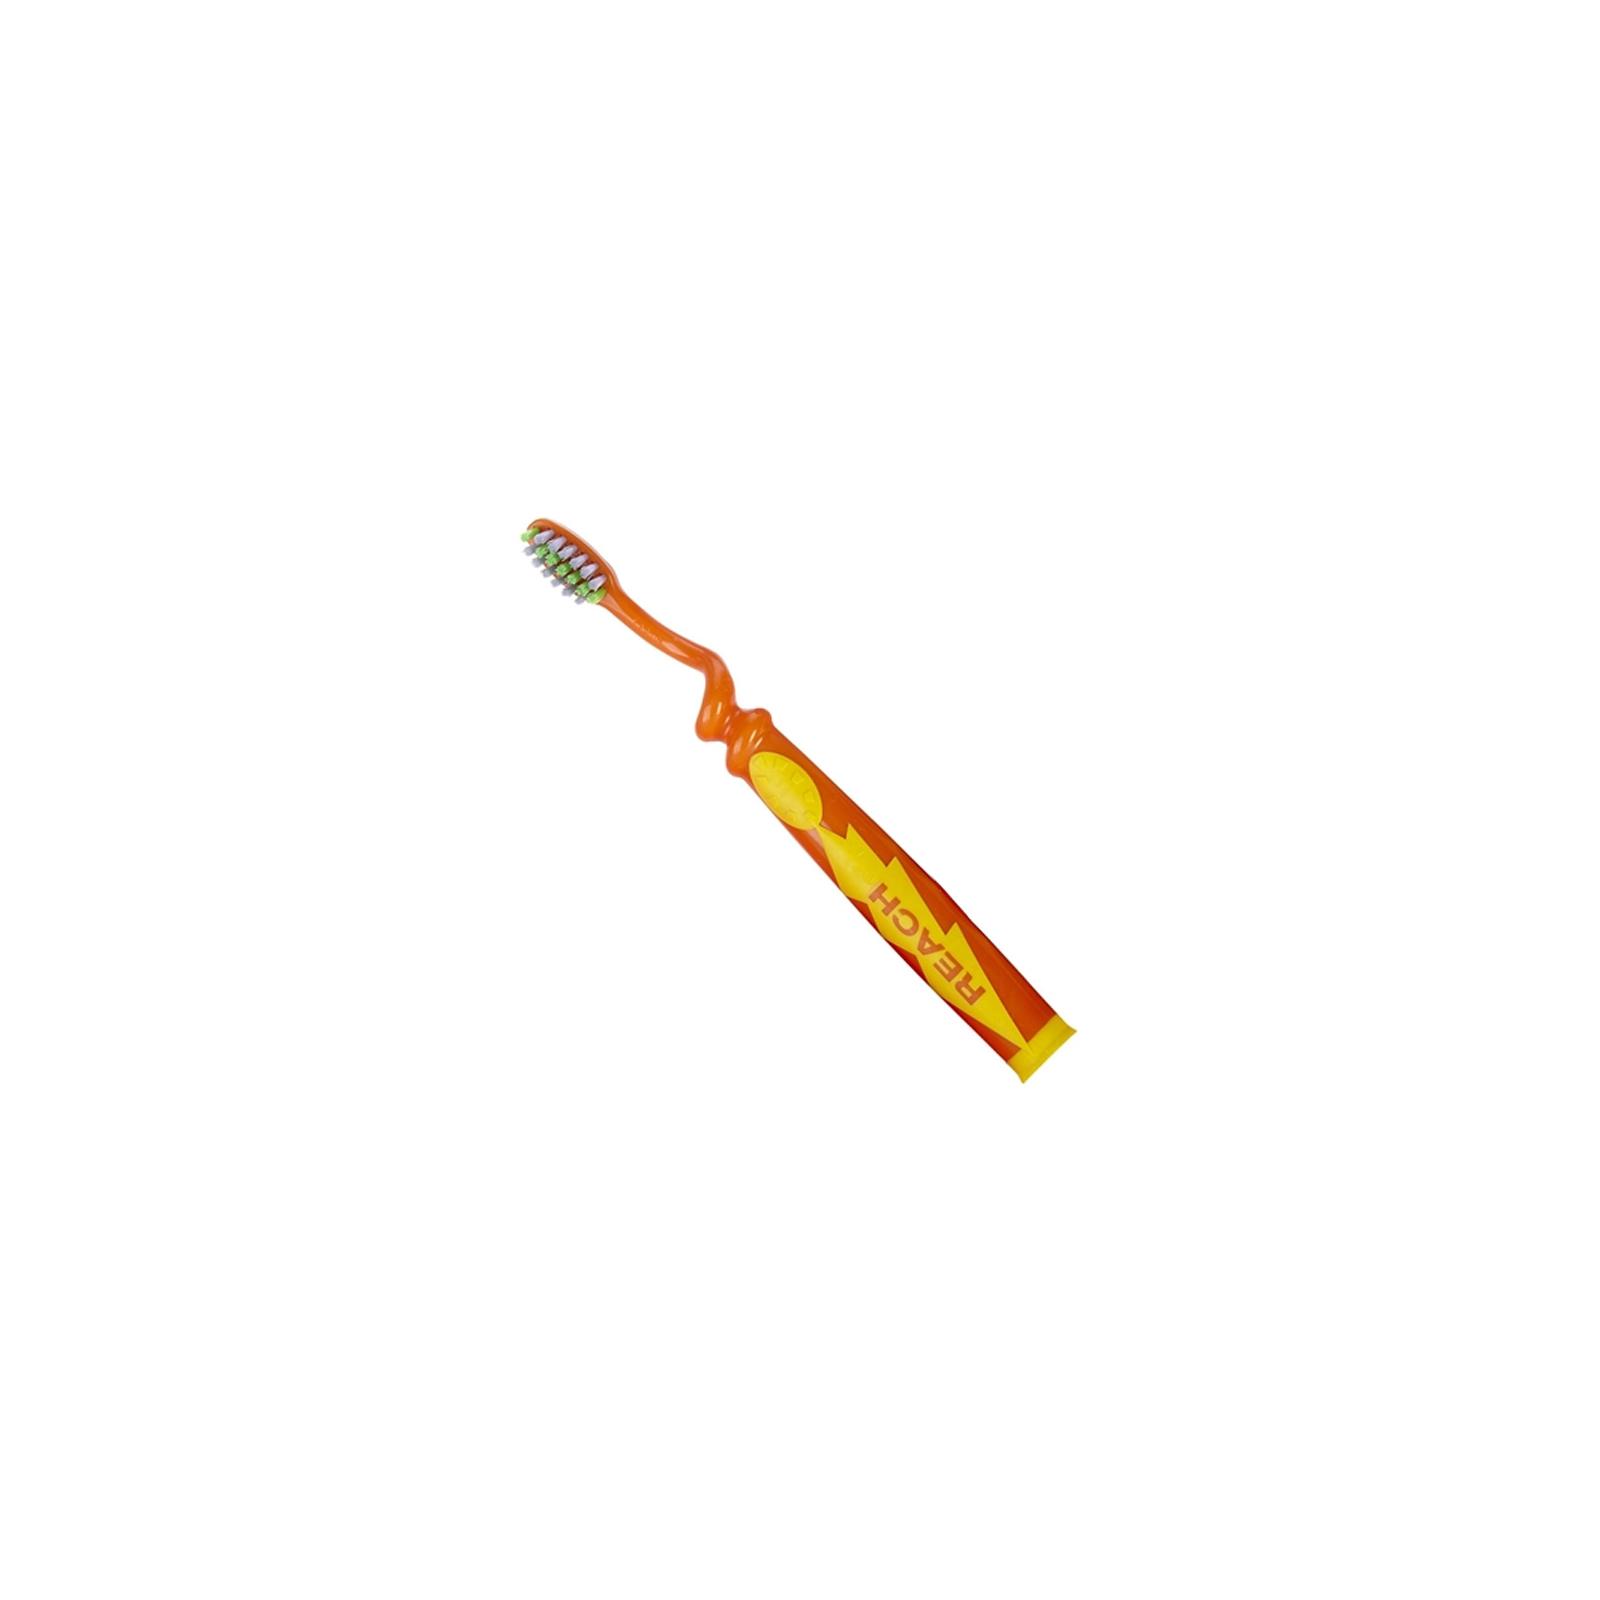 Детская зубная щетка Reach Wonder Grip детская (3574660020502) изображение 2